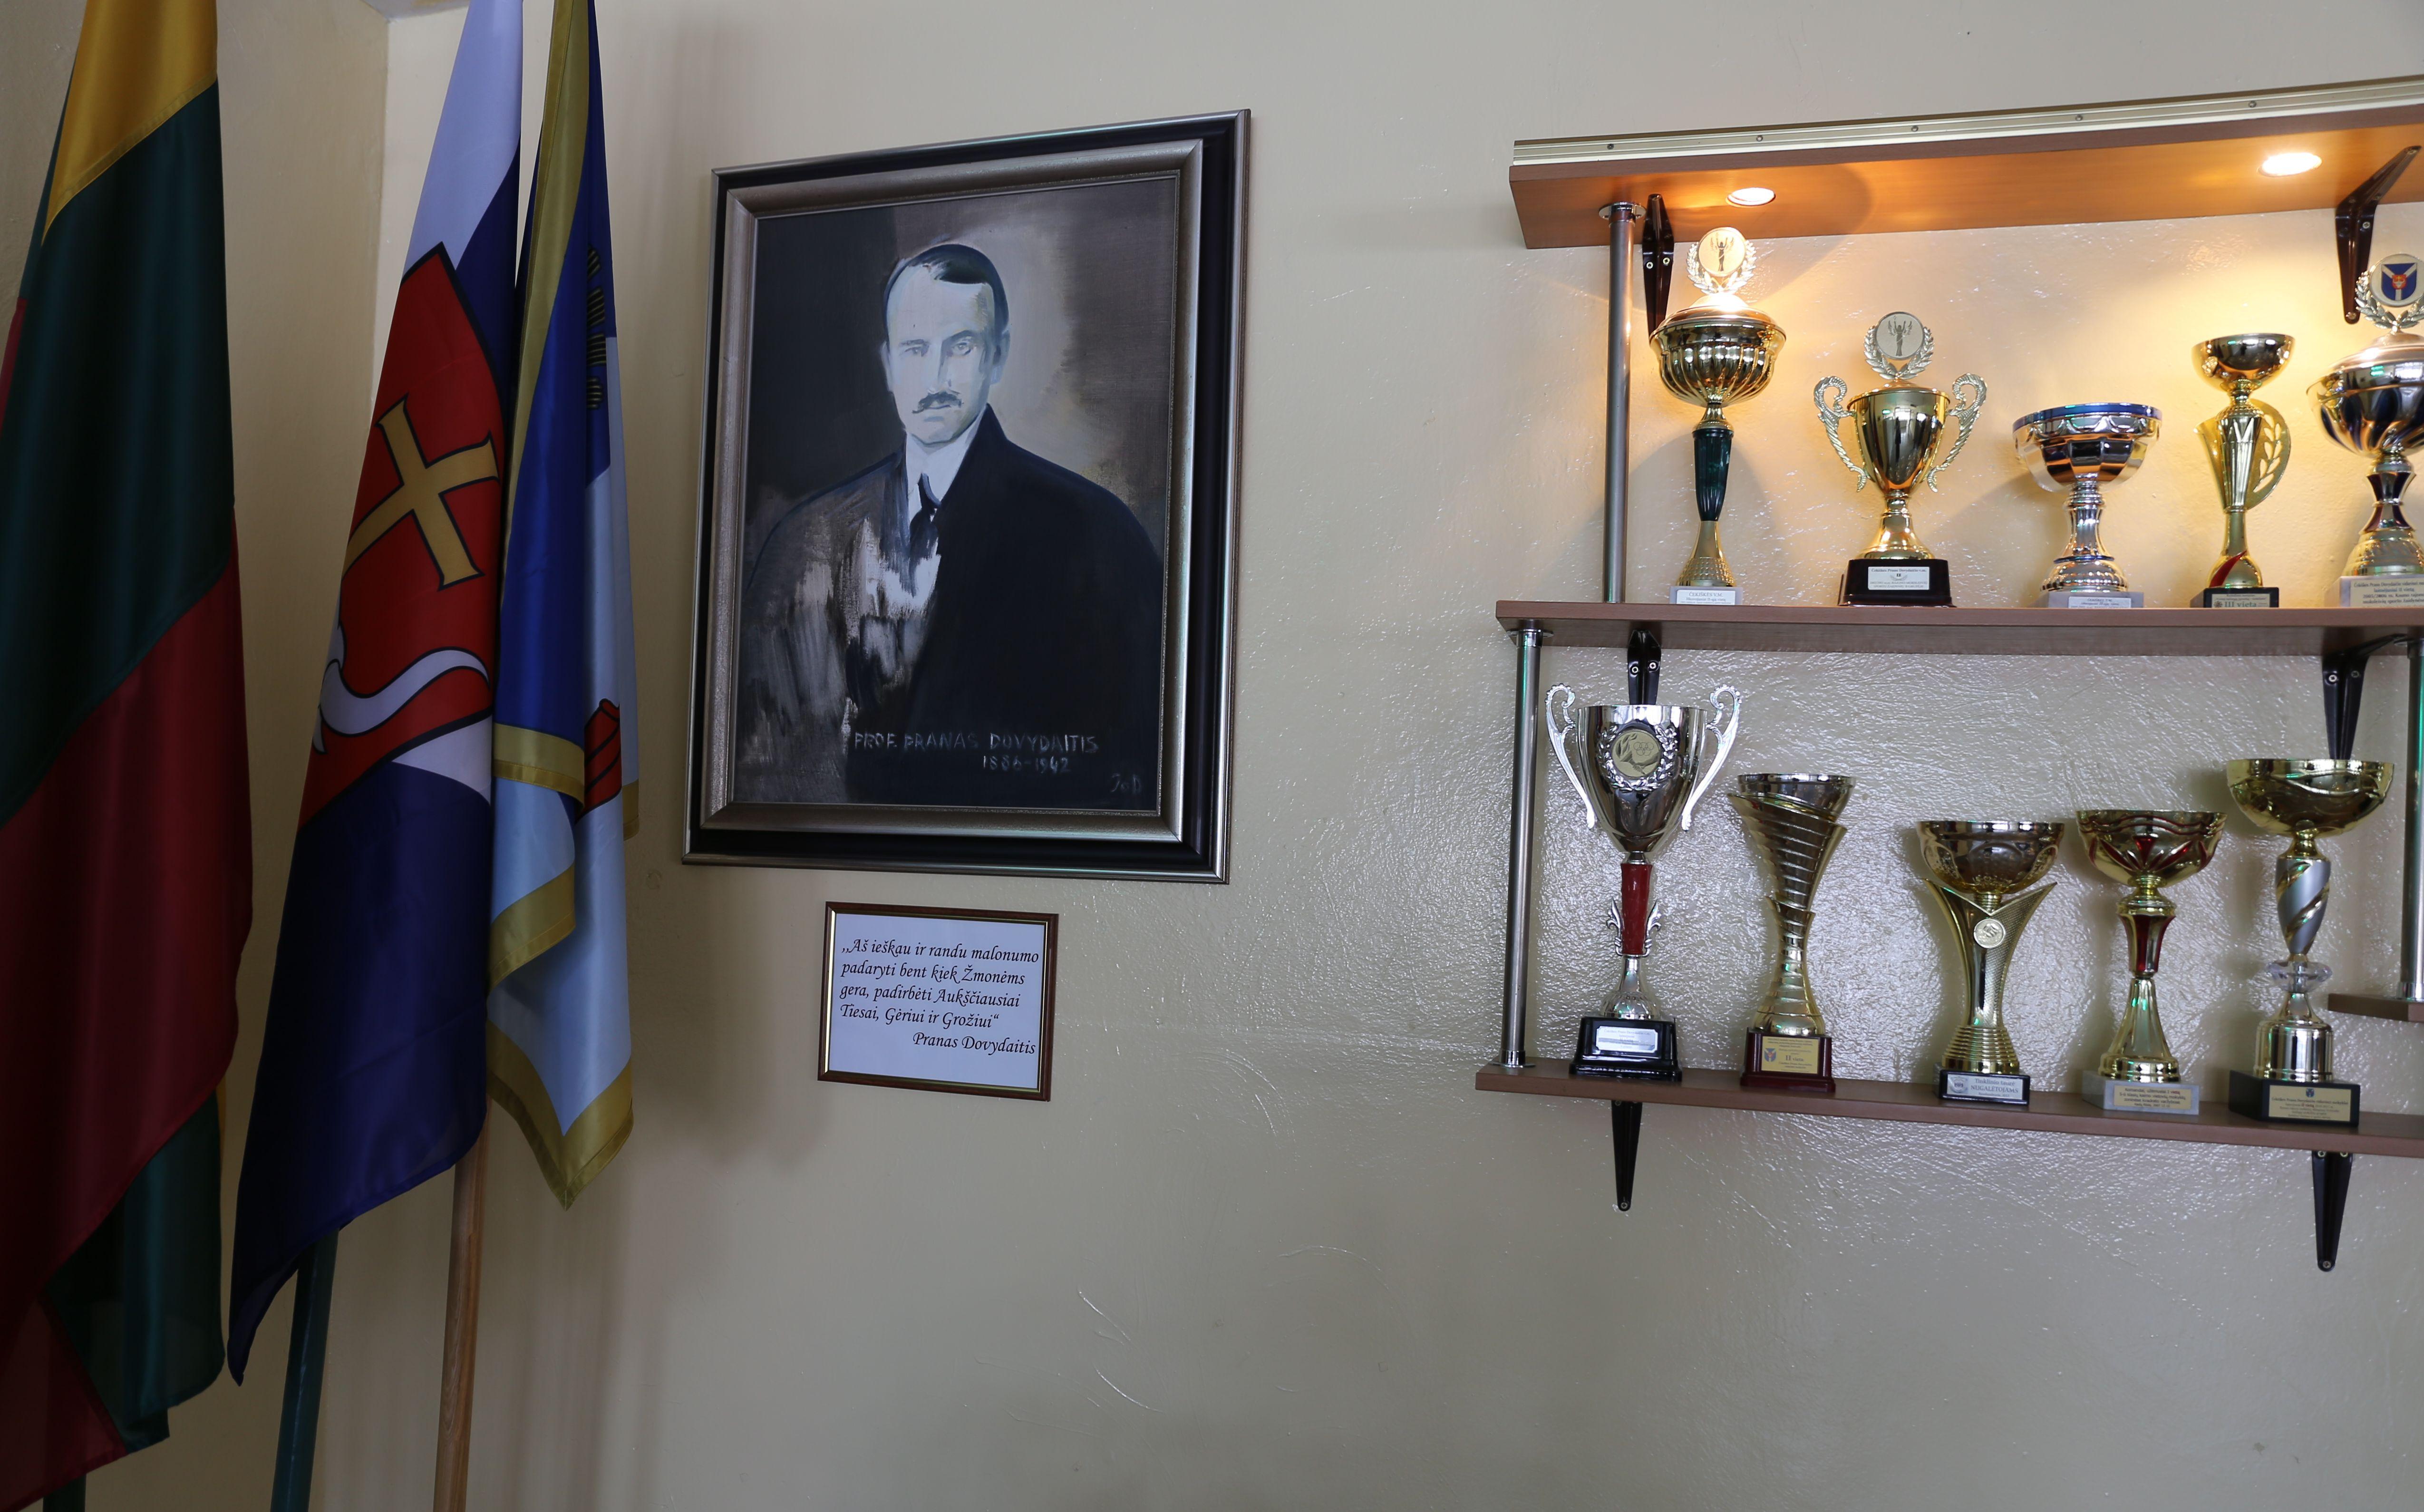 Į Čekiškės P. Dovydaičio gimnaziją įžengė statybininkai | Kauno rajono savivaldybės nuotr.